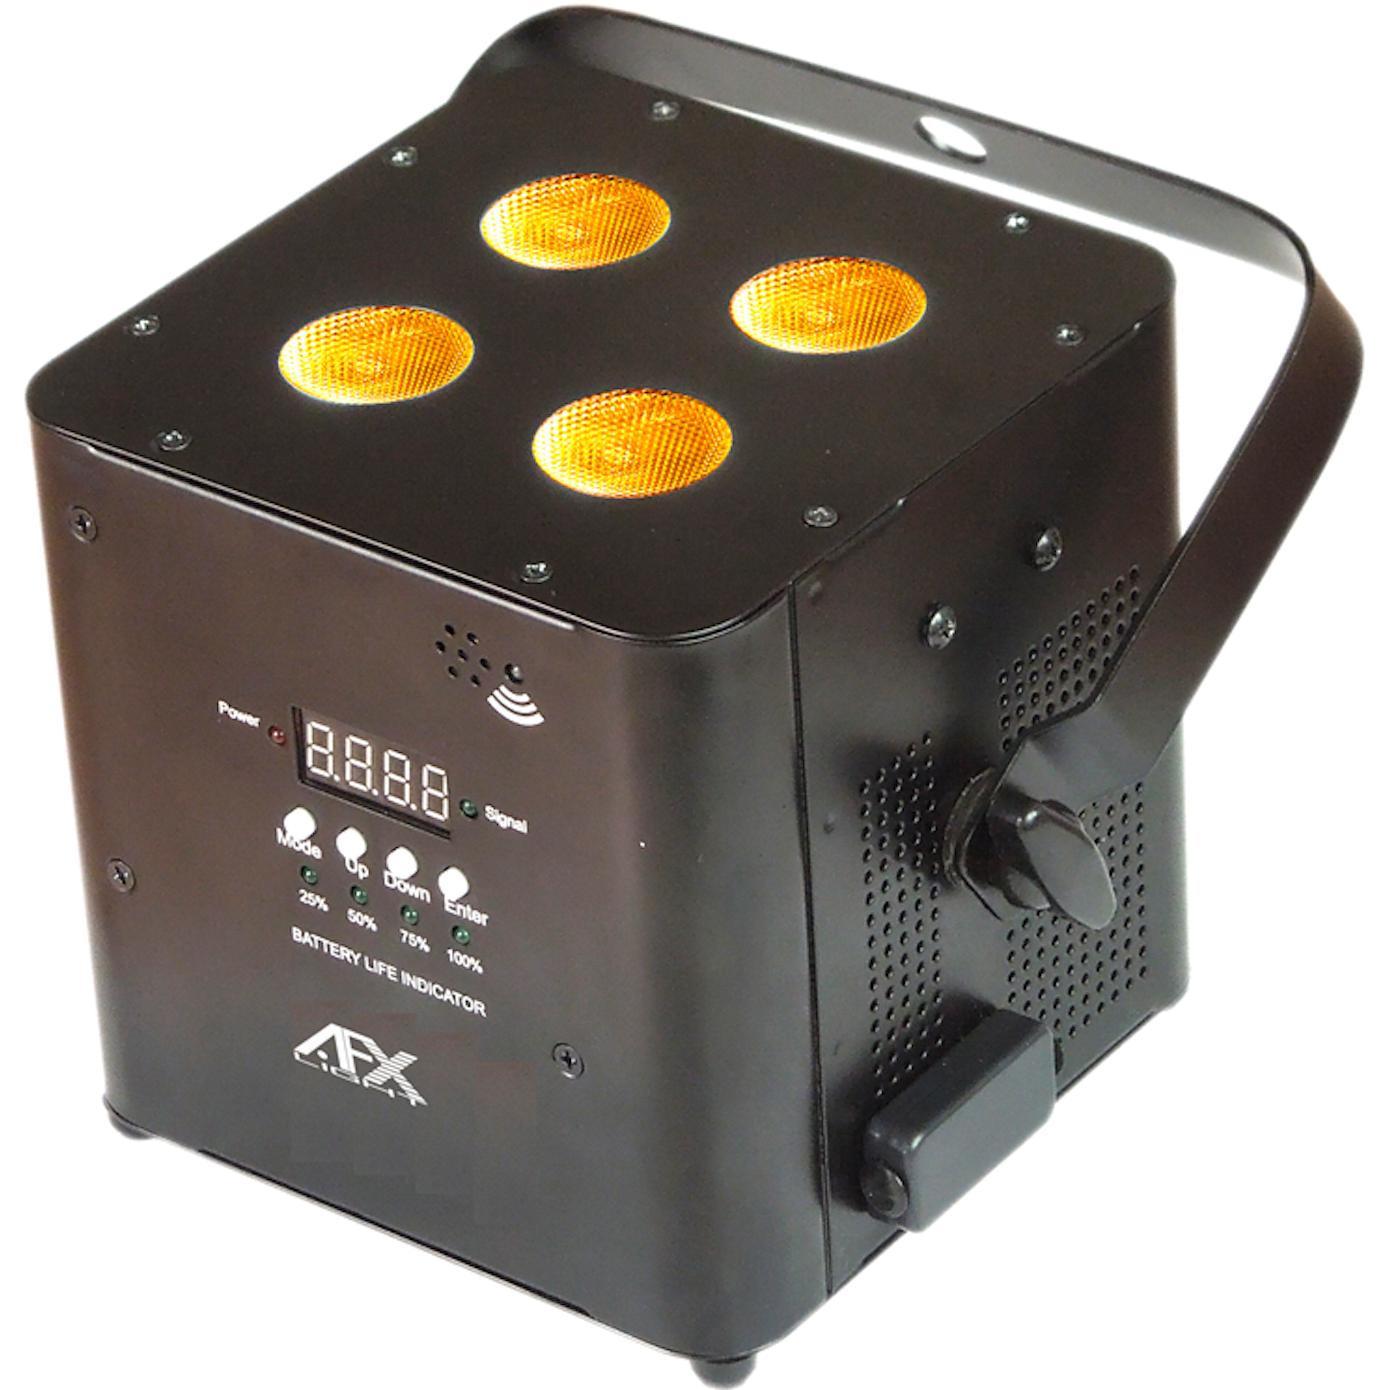 AFX FreePar Hex Trådløs batterilampe - Sort